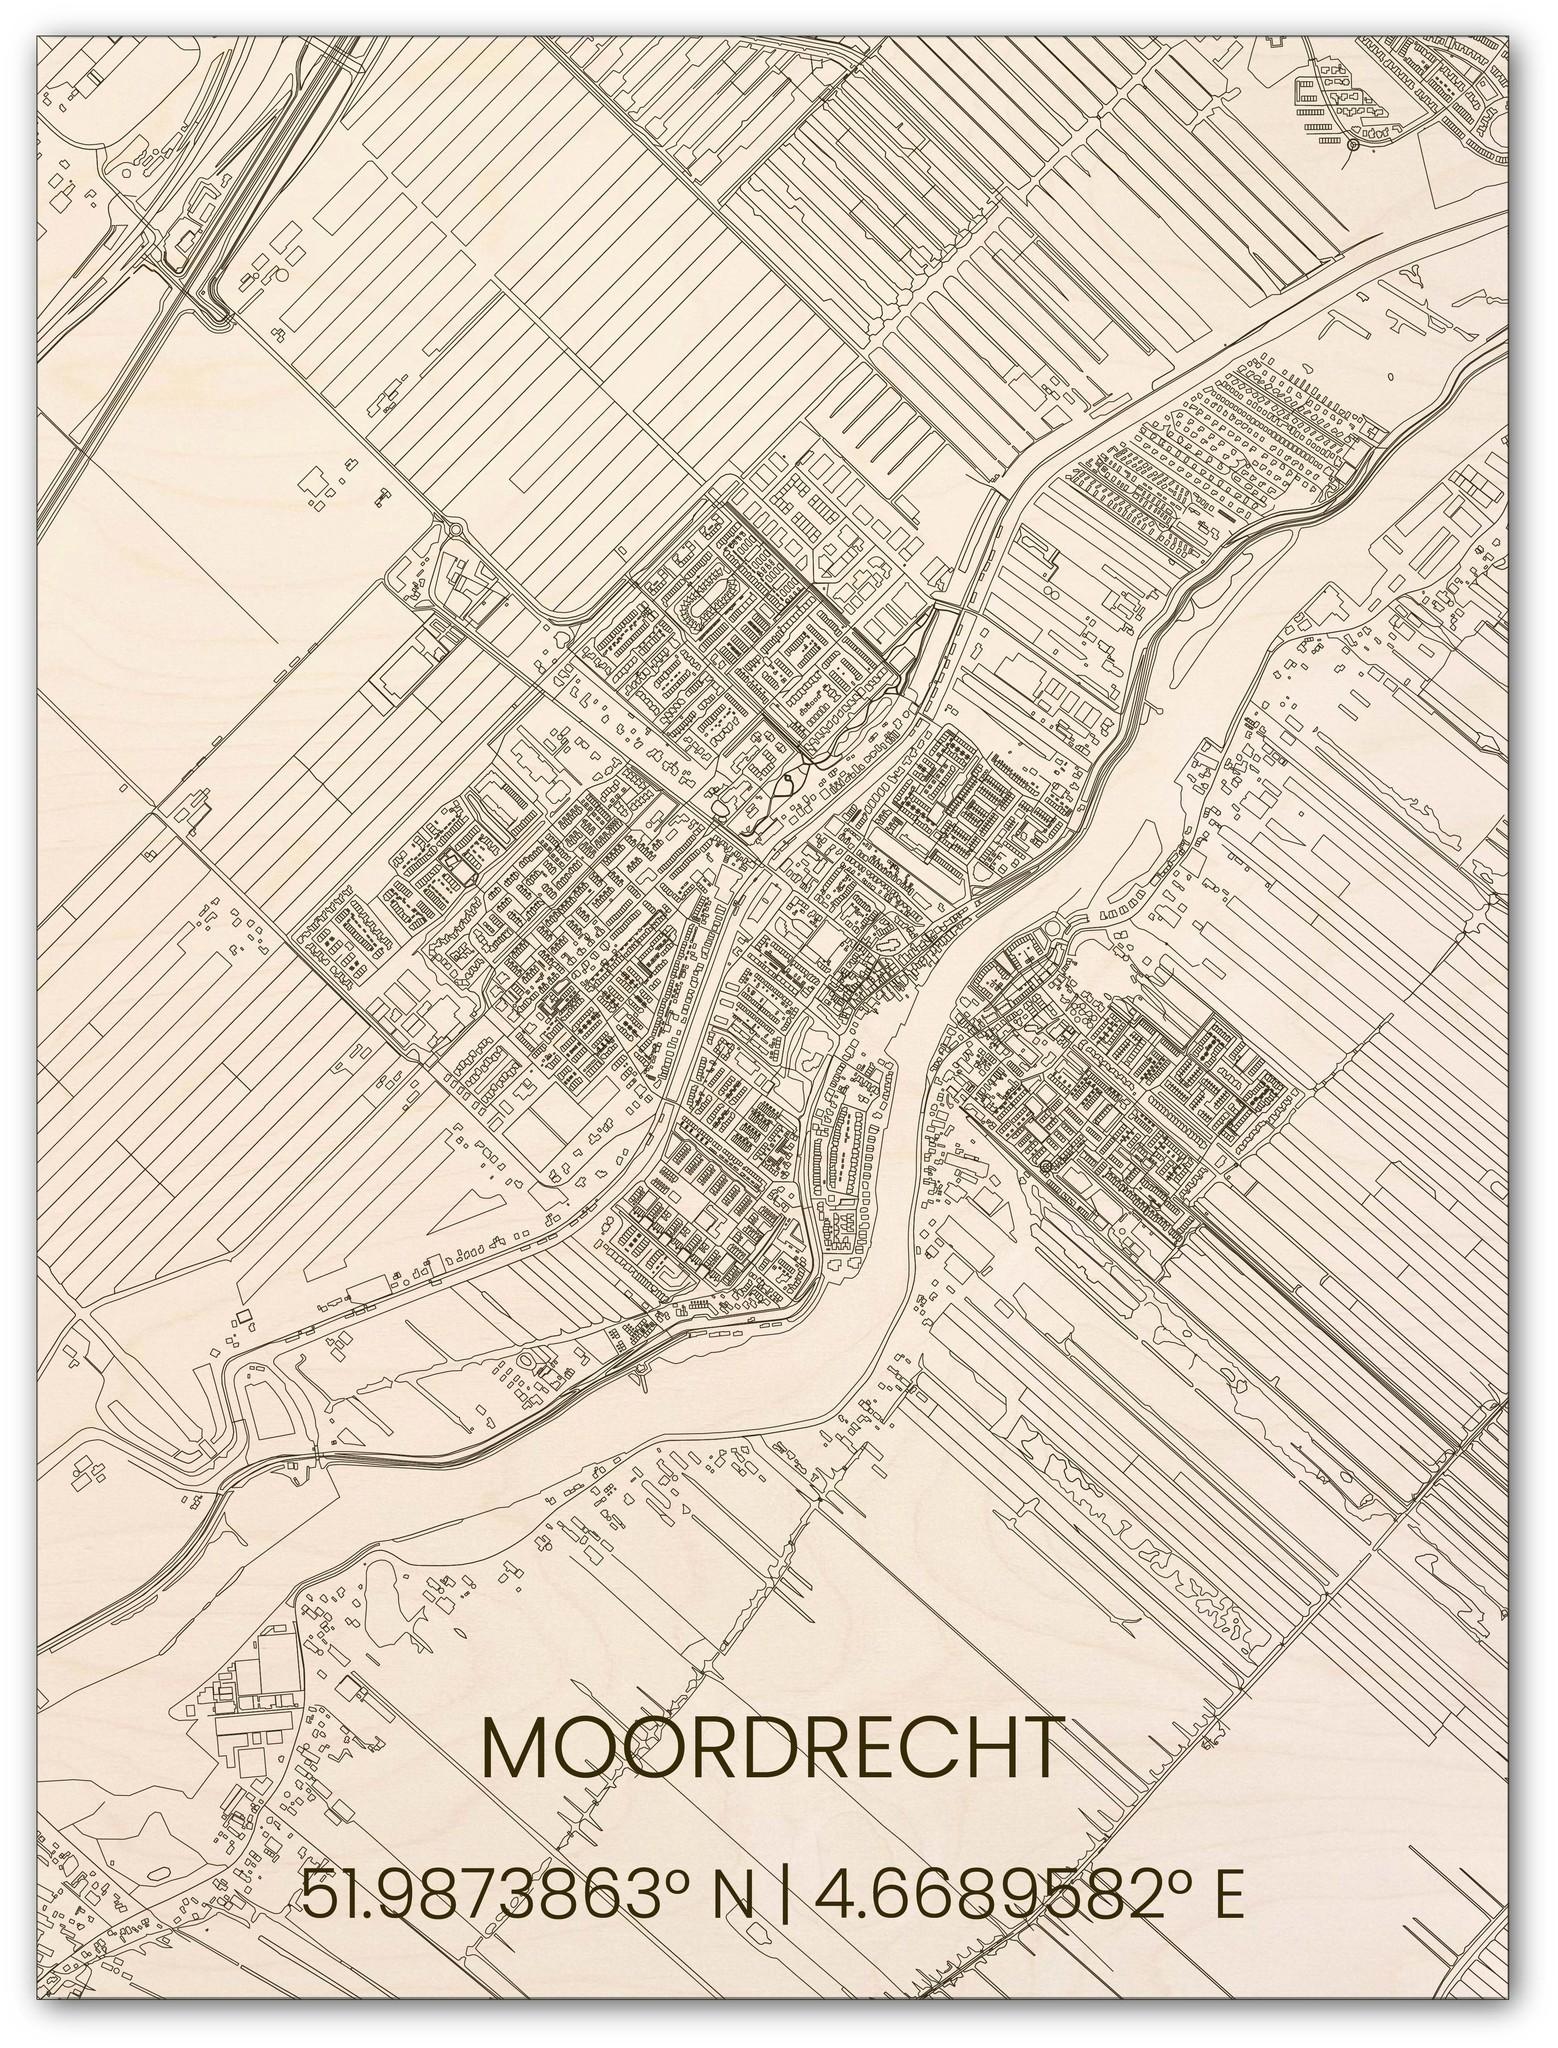 Houten stadsplattegrond Moordrecht-1